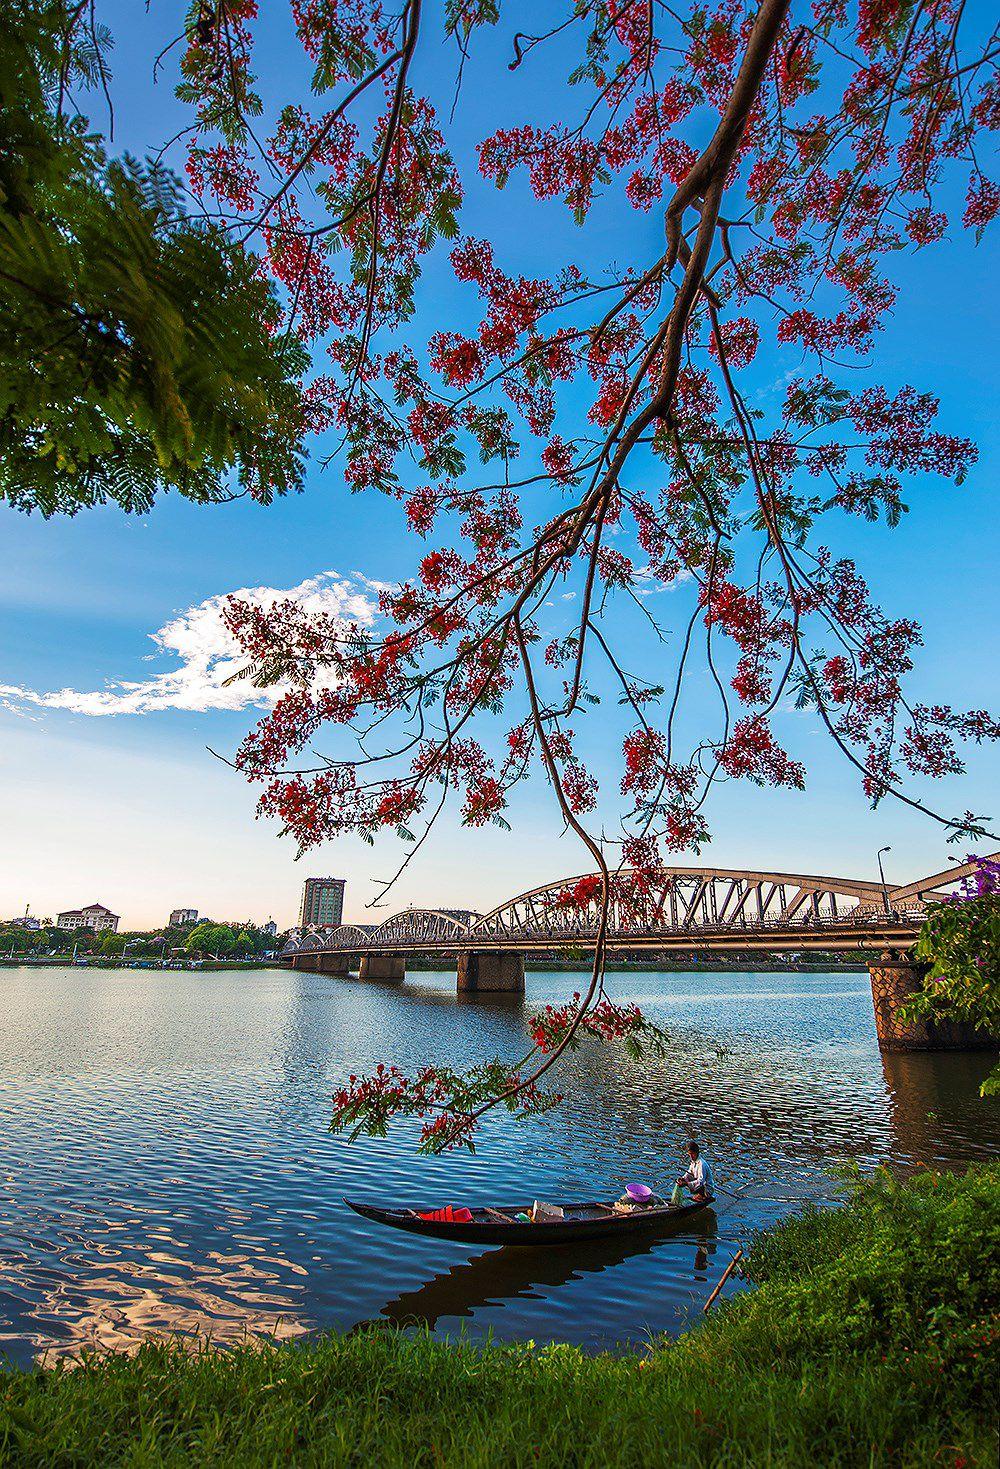 Bình minh trên dòng Như Ý, hình ảnh bình dị và đẹp như một bức tranh giữa lòng thành phố.